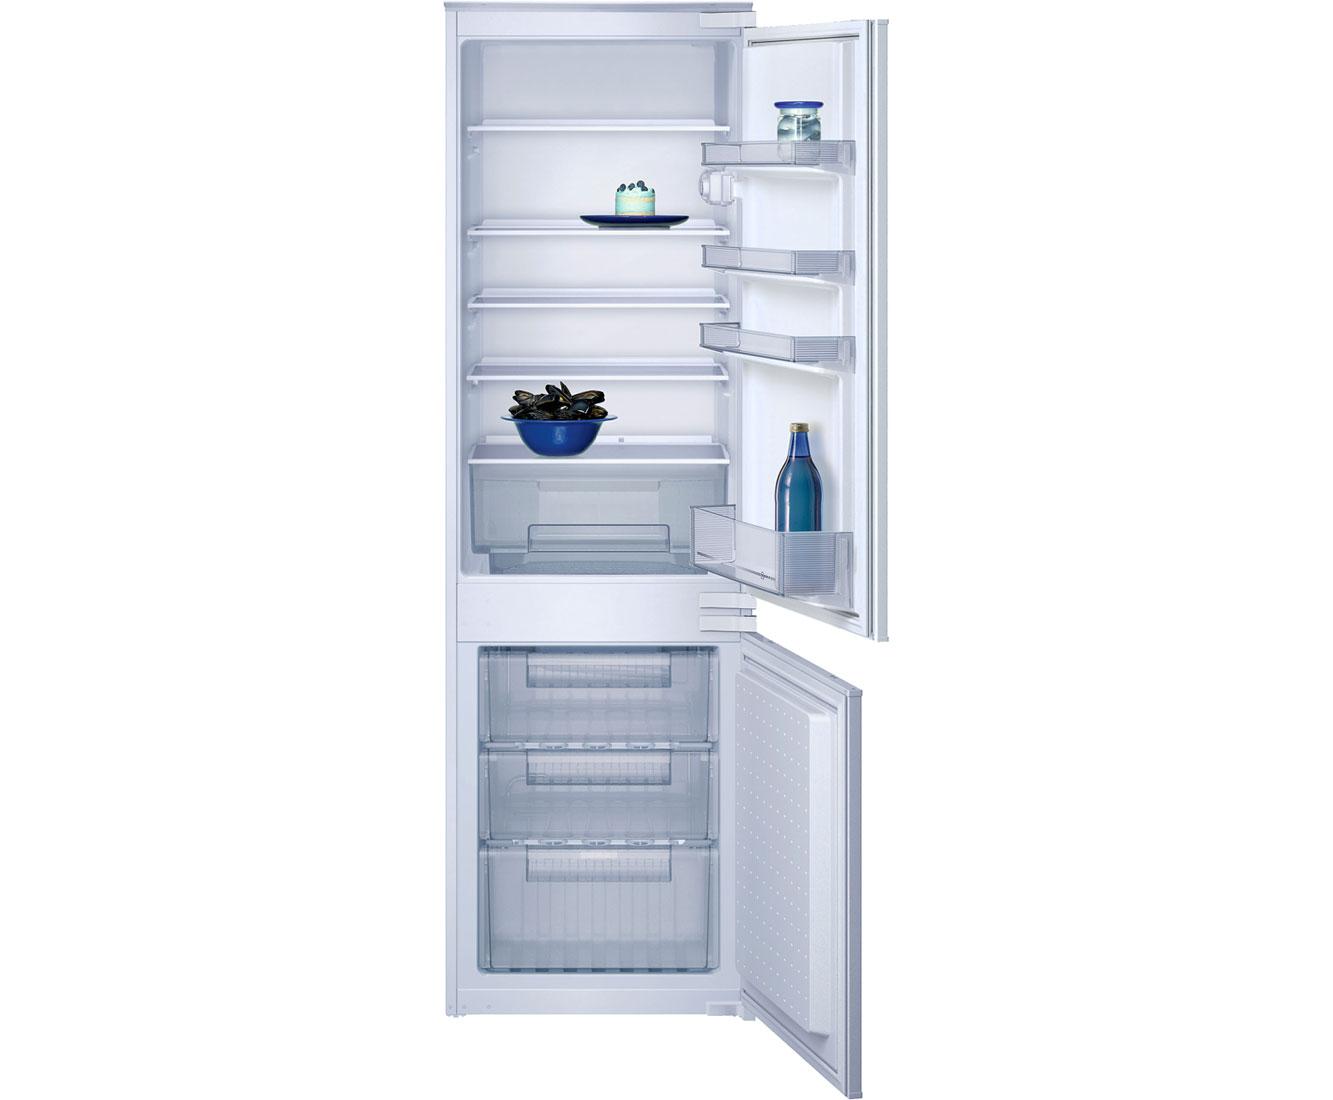 Kühlschrank Neff Flaschenhalter : Ergebnisse zu neff gefrierkombinationen